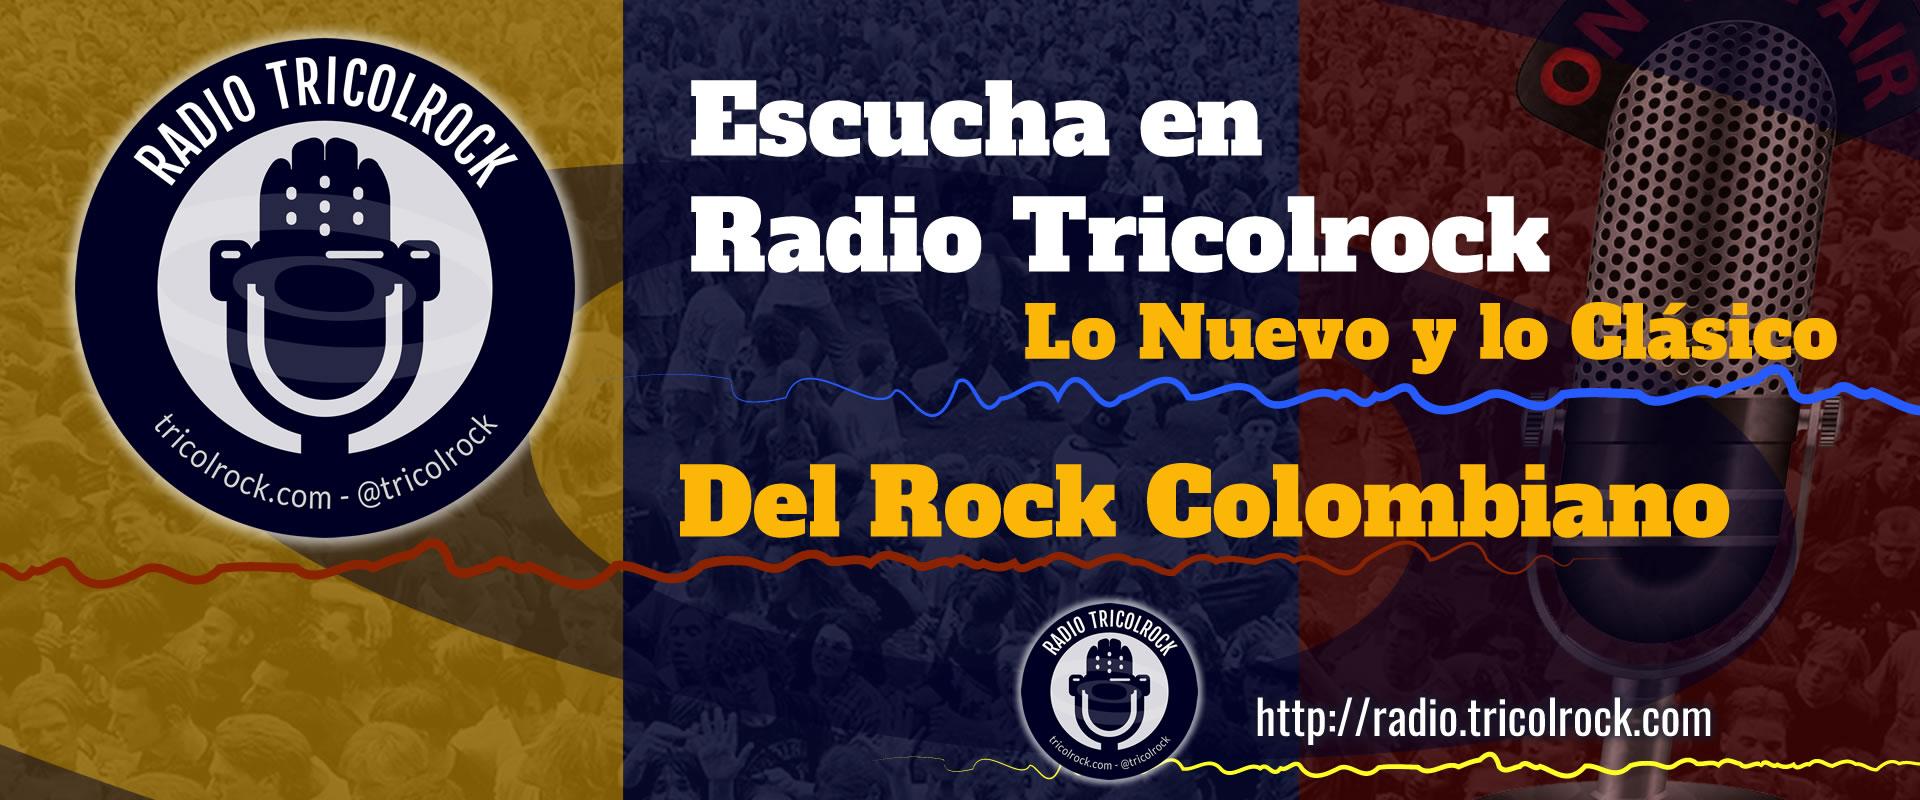 Escucha Radio Tricolrock